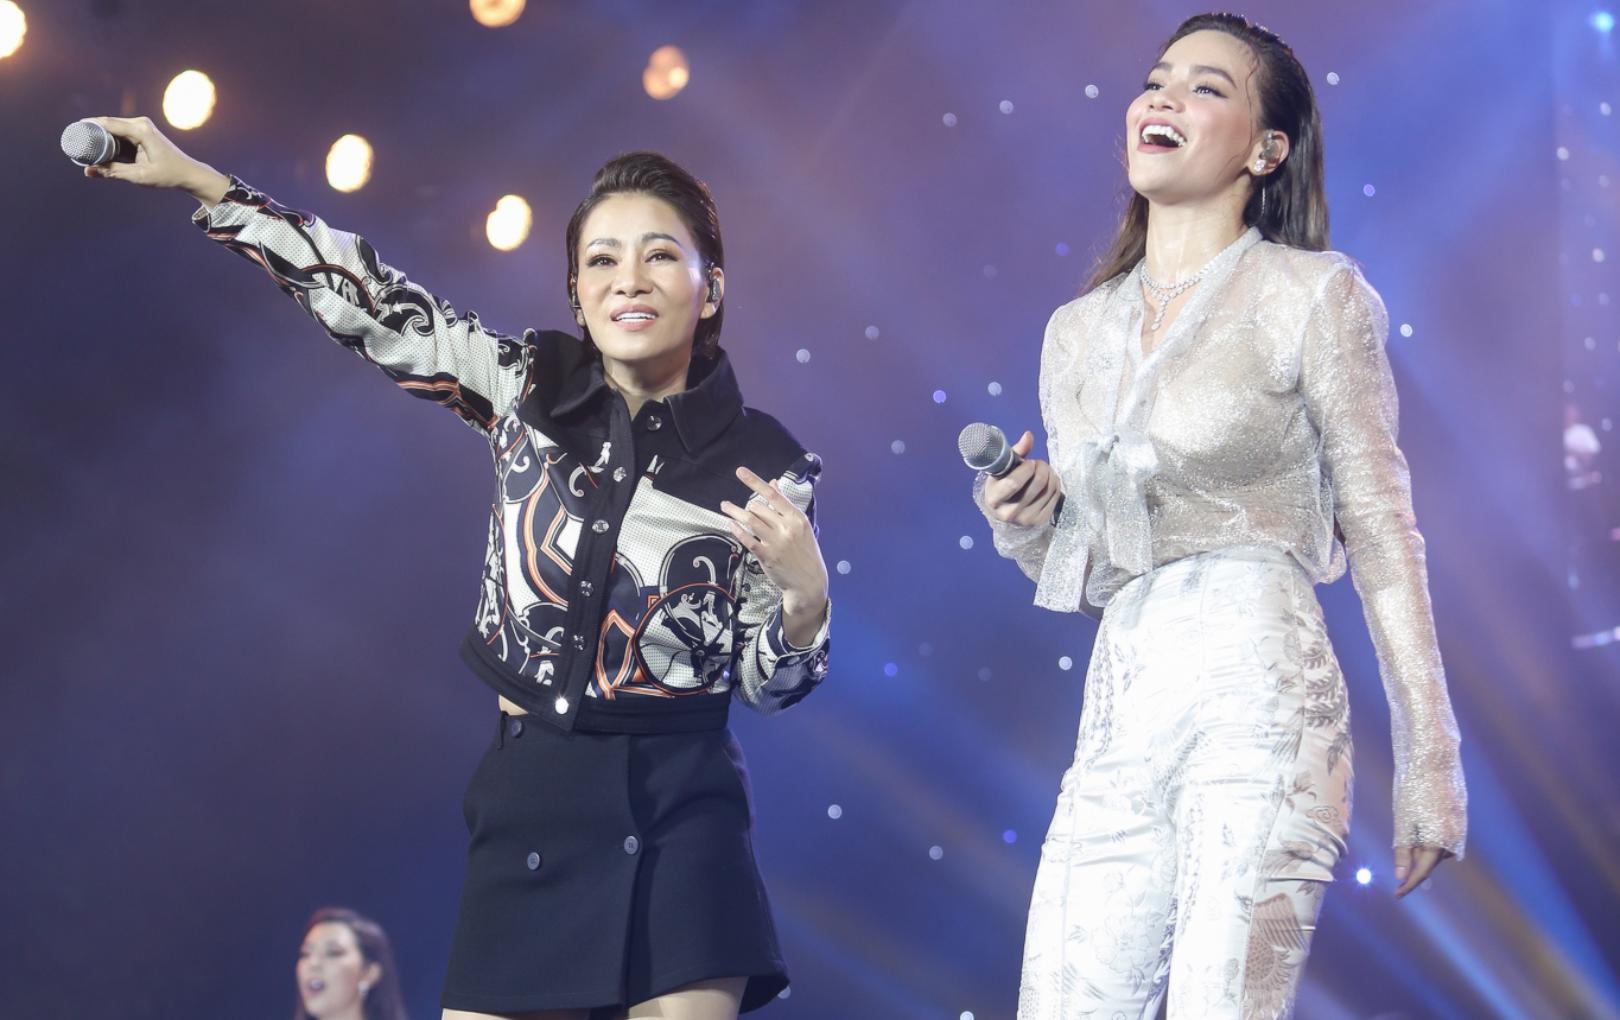 Thu Minh - Hồ Ngọc Hà đốn tim khán giả khi cùng song ca mashup loạt hit tại sự kiện âm nhạc